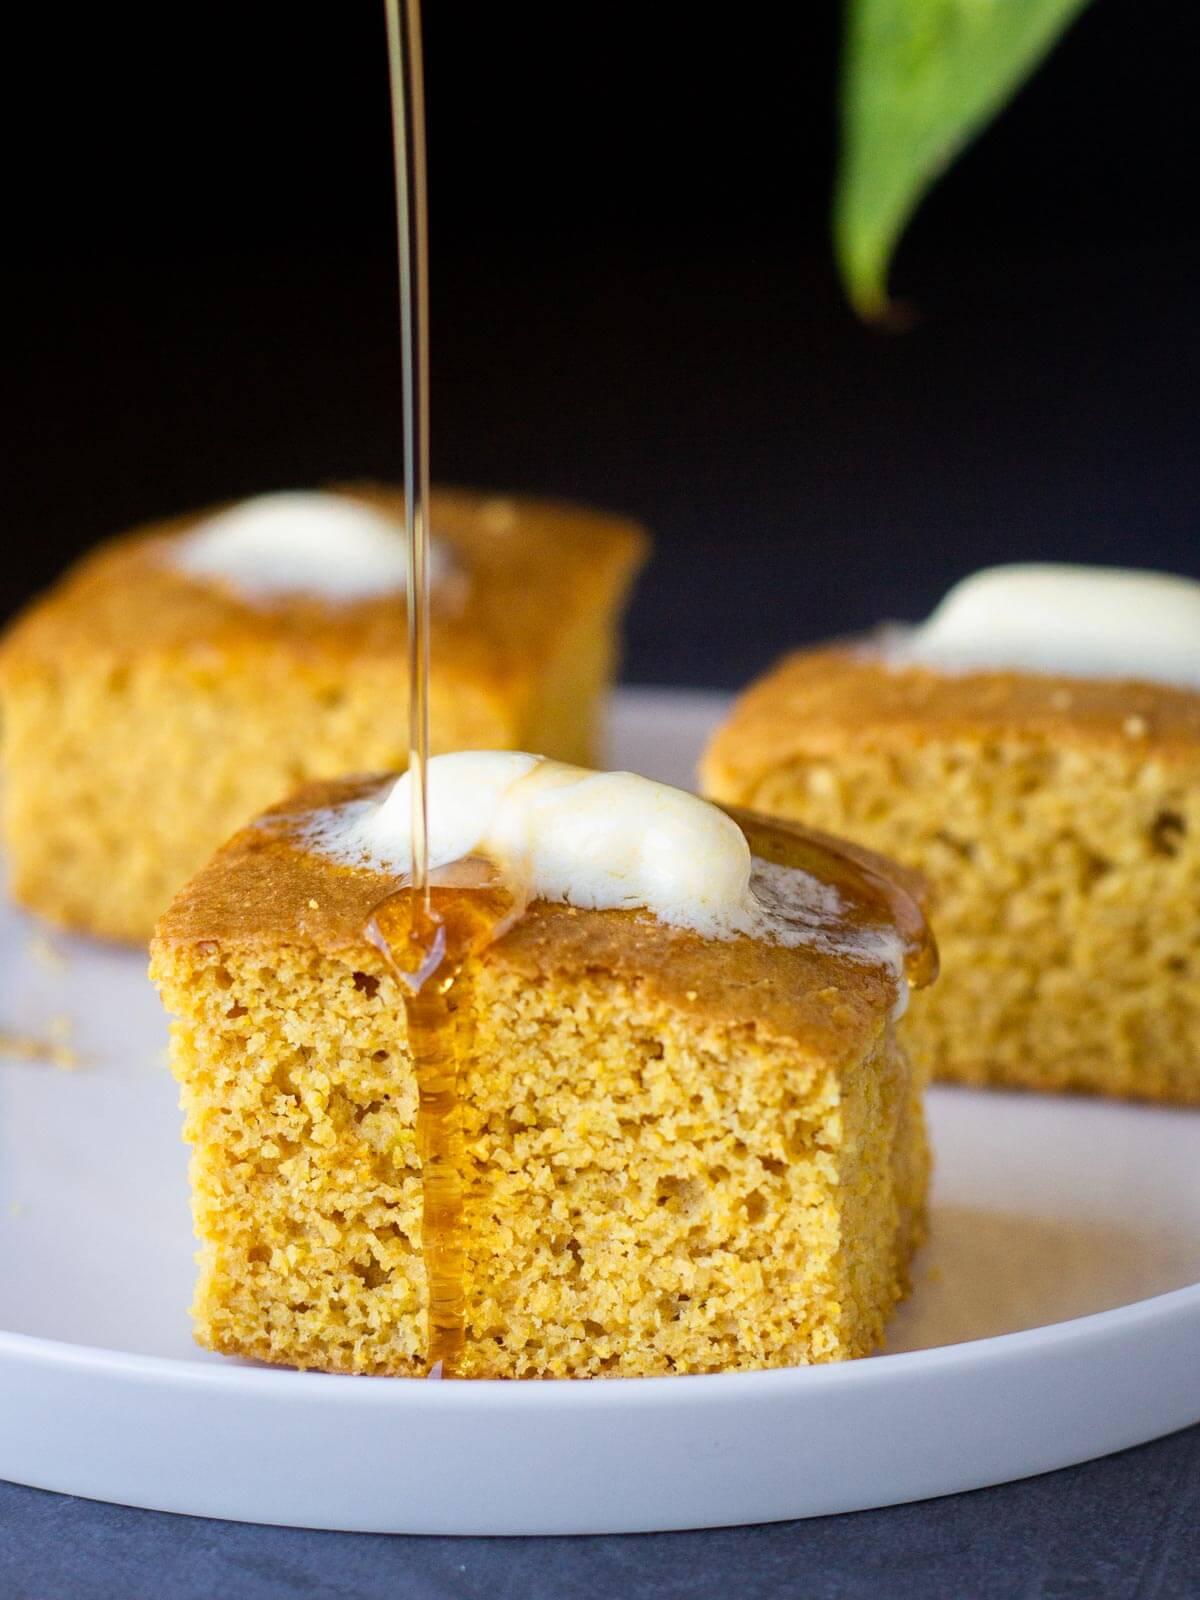 Vegan Buttermilk Gluten-Free Cornbread with maple syrup